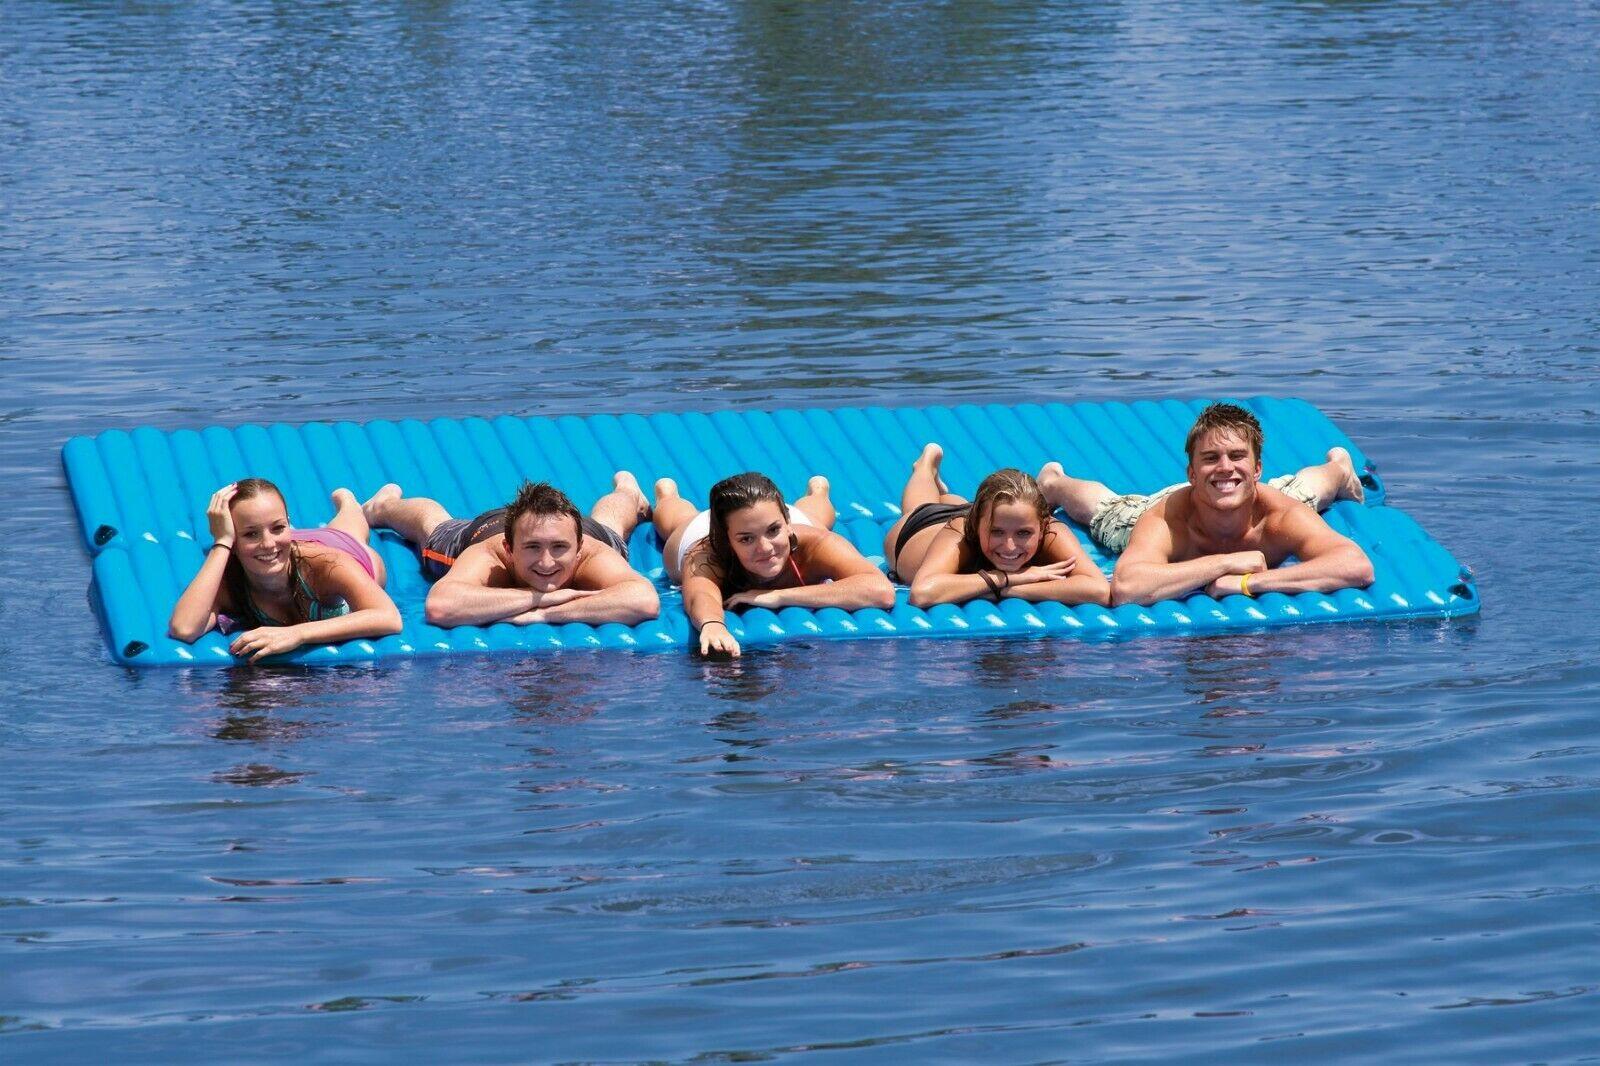 Жителям Тверской области запретили плавать на надувных матрасах